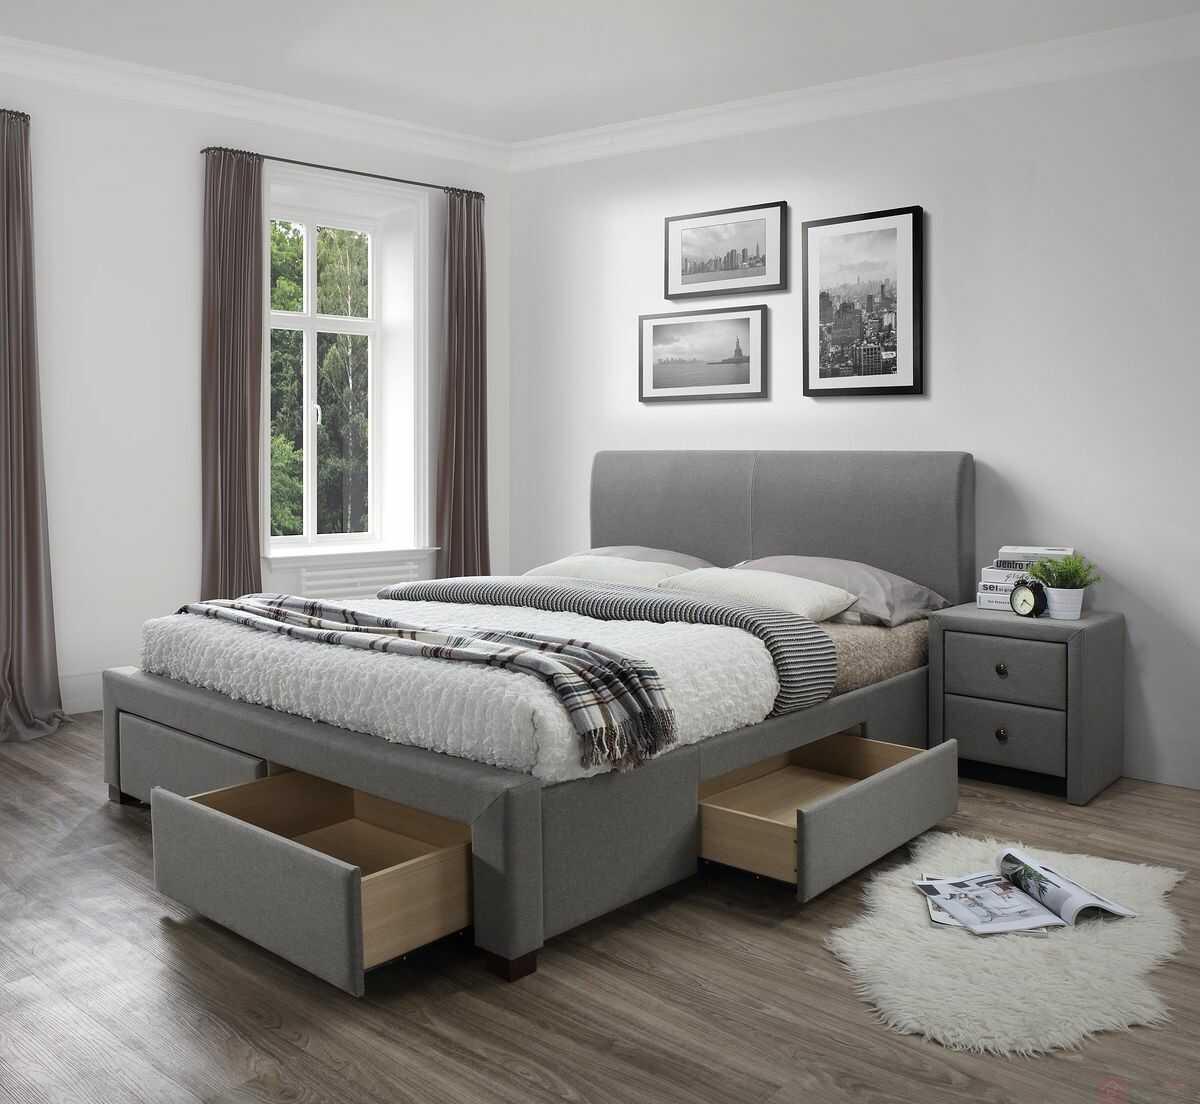 KUPON 10% NA STRONIE  Łóżko MODENA Halmar 160x200 cm, Szary [Wysyłka 2022-04-20]